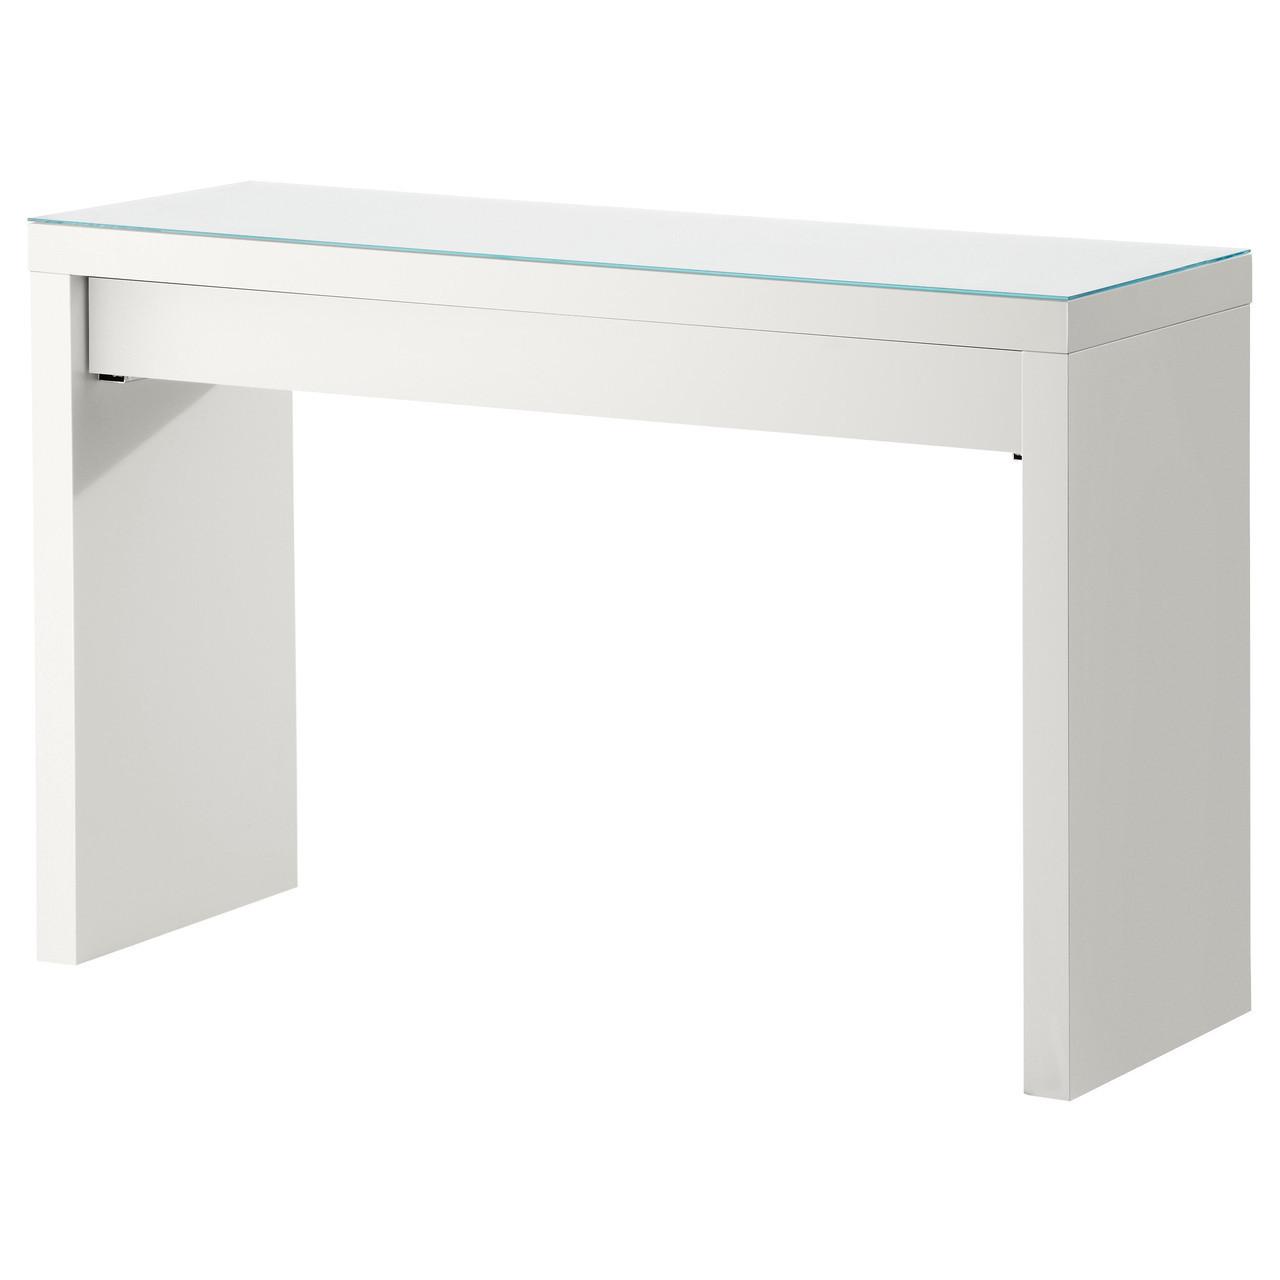 Туалетний столик MALM, білий, IKEA, 102.036.10